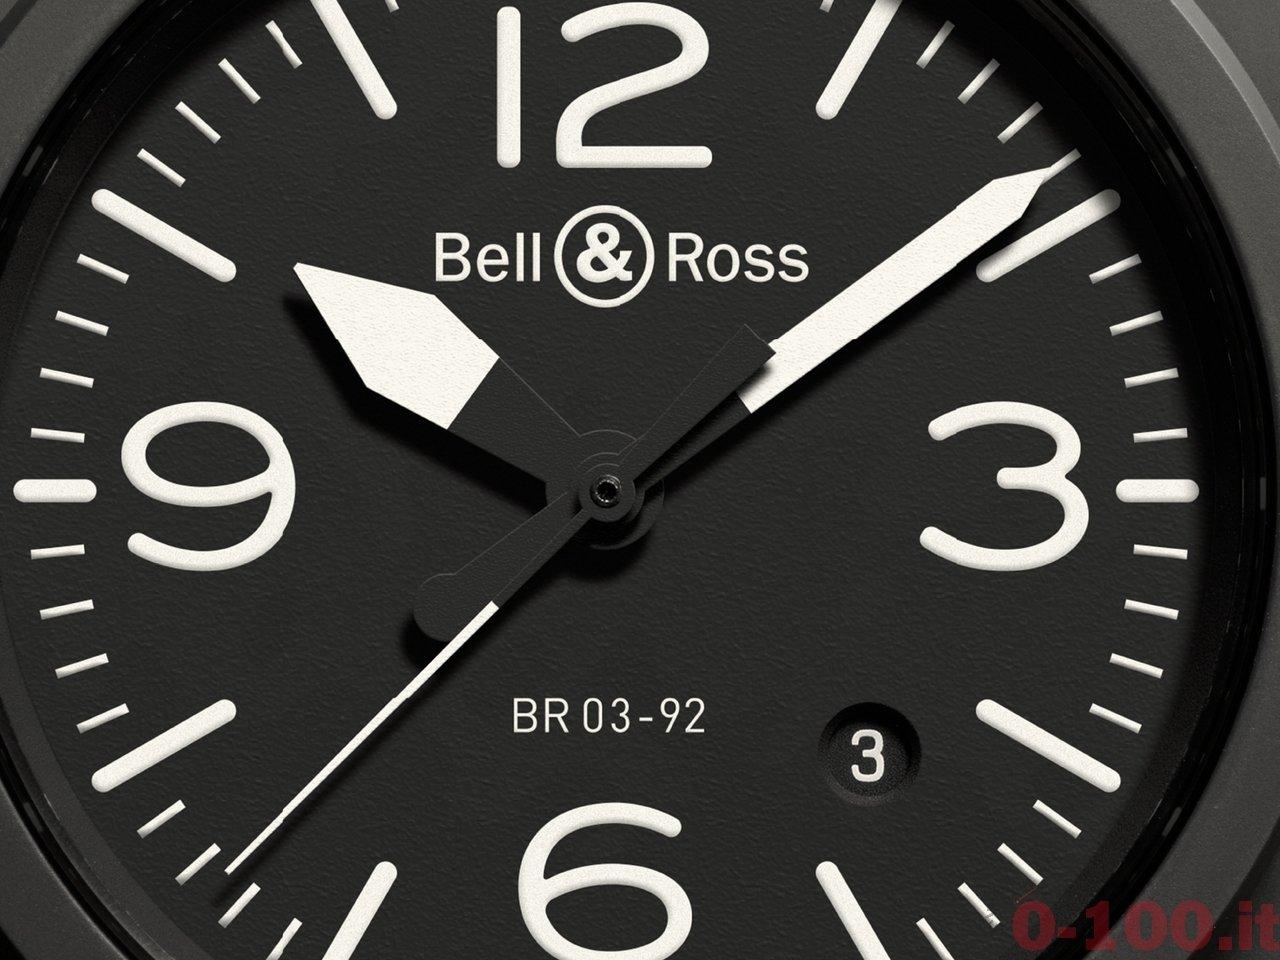 bell-&-ross-br03-92-ceramic-0-100_2